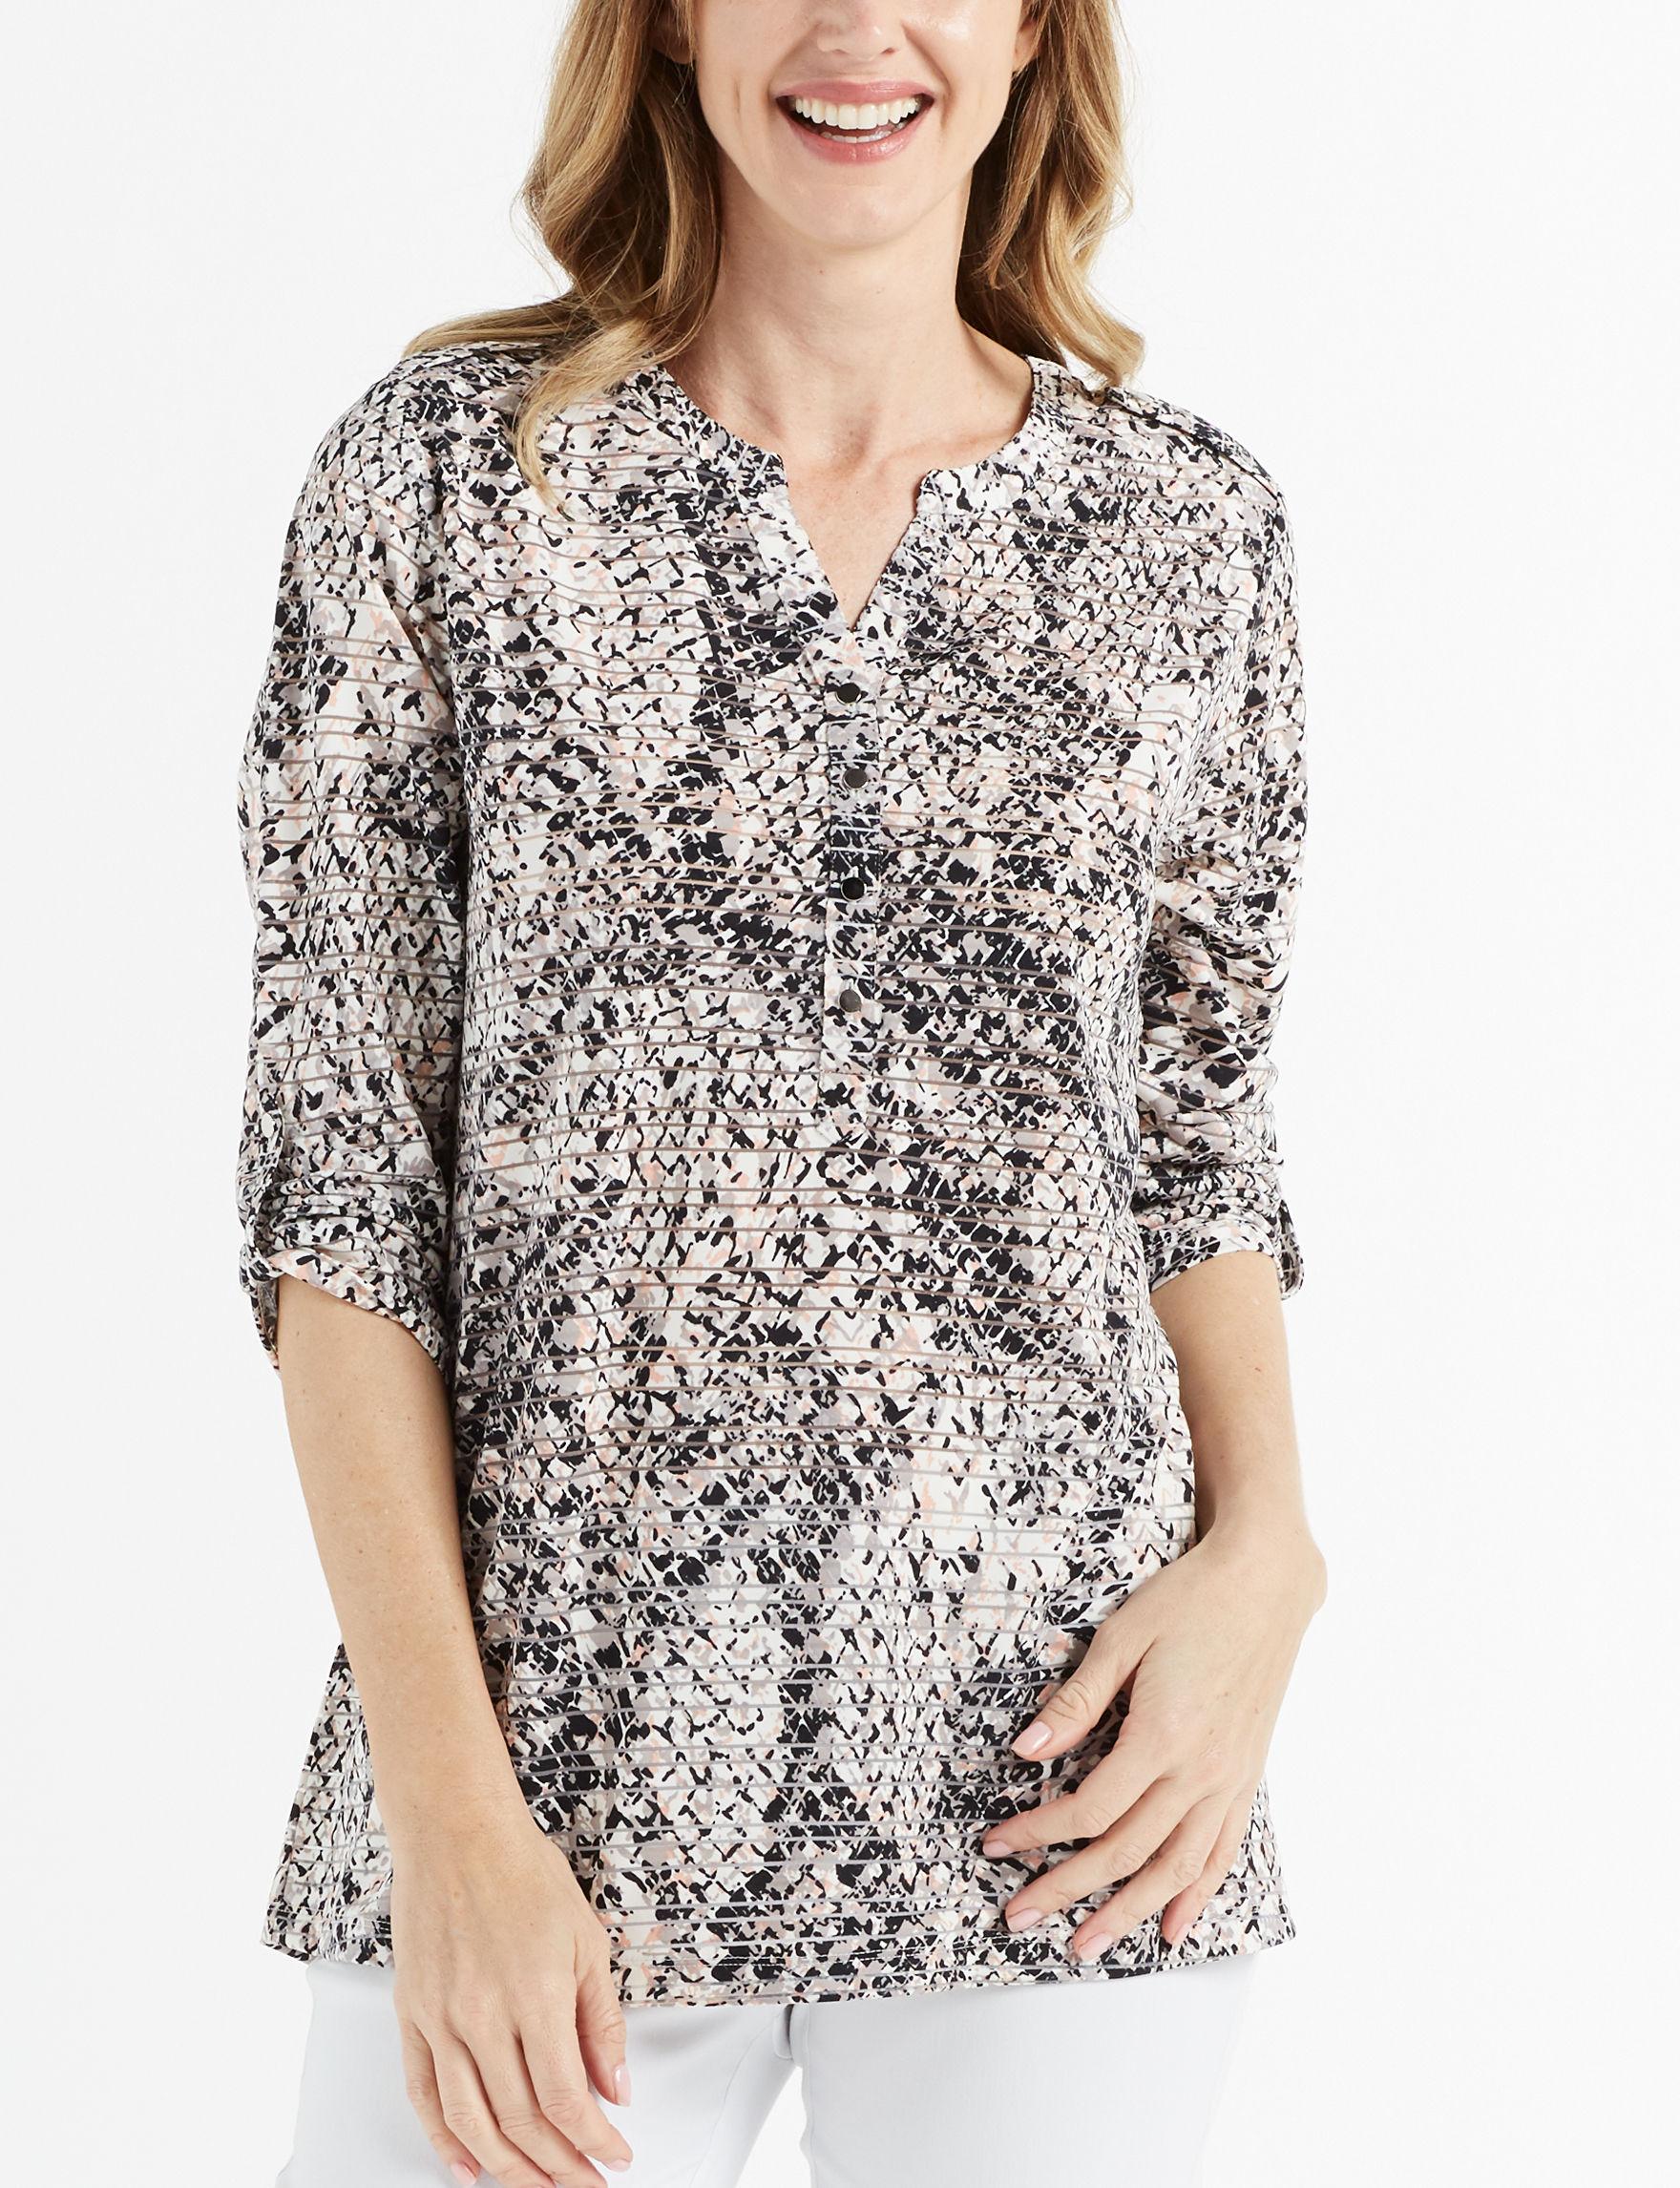 Rebecca Malone Pink Multi Shirts & Blouses